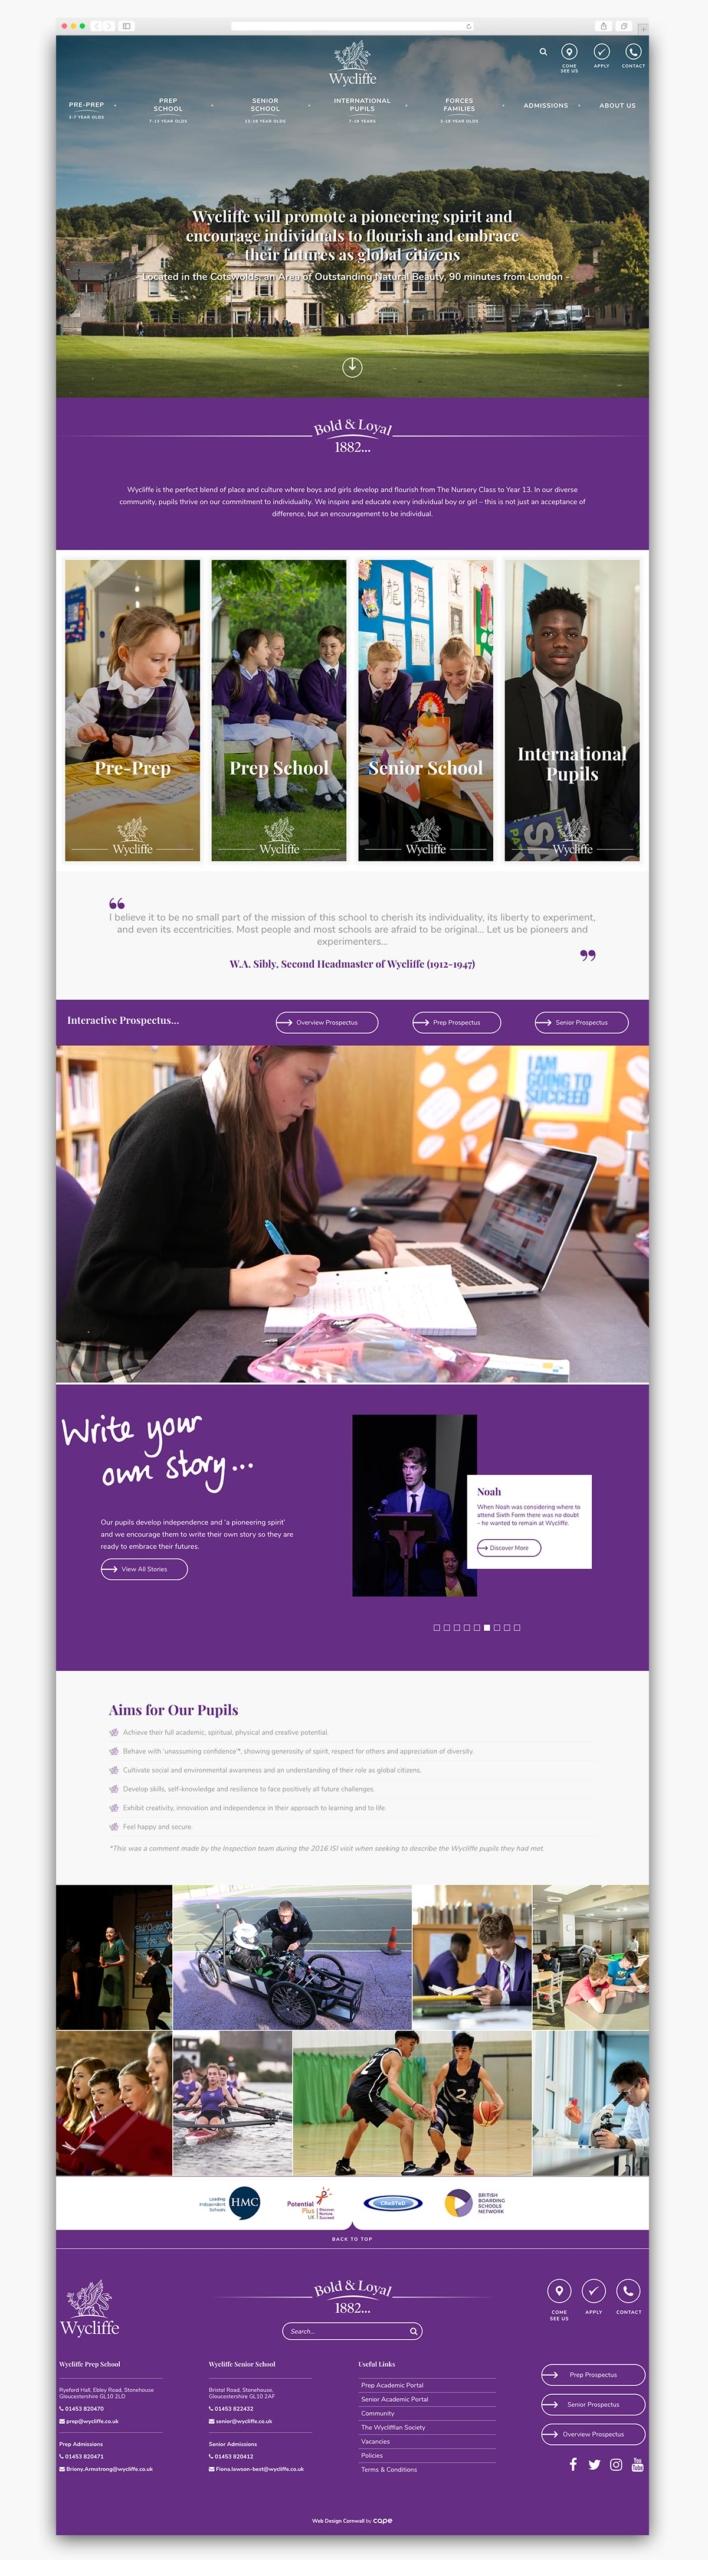 Wycliffe College Wordpress Website Homepage Design